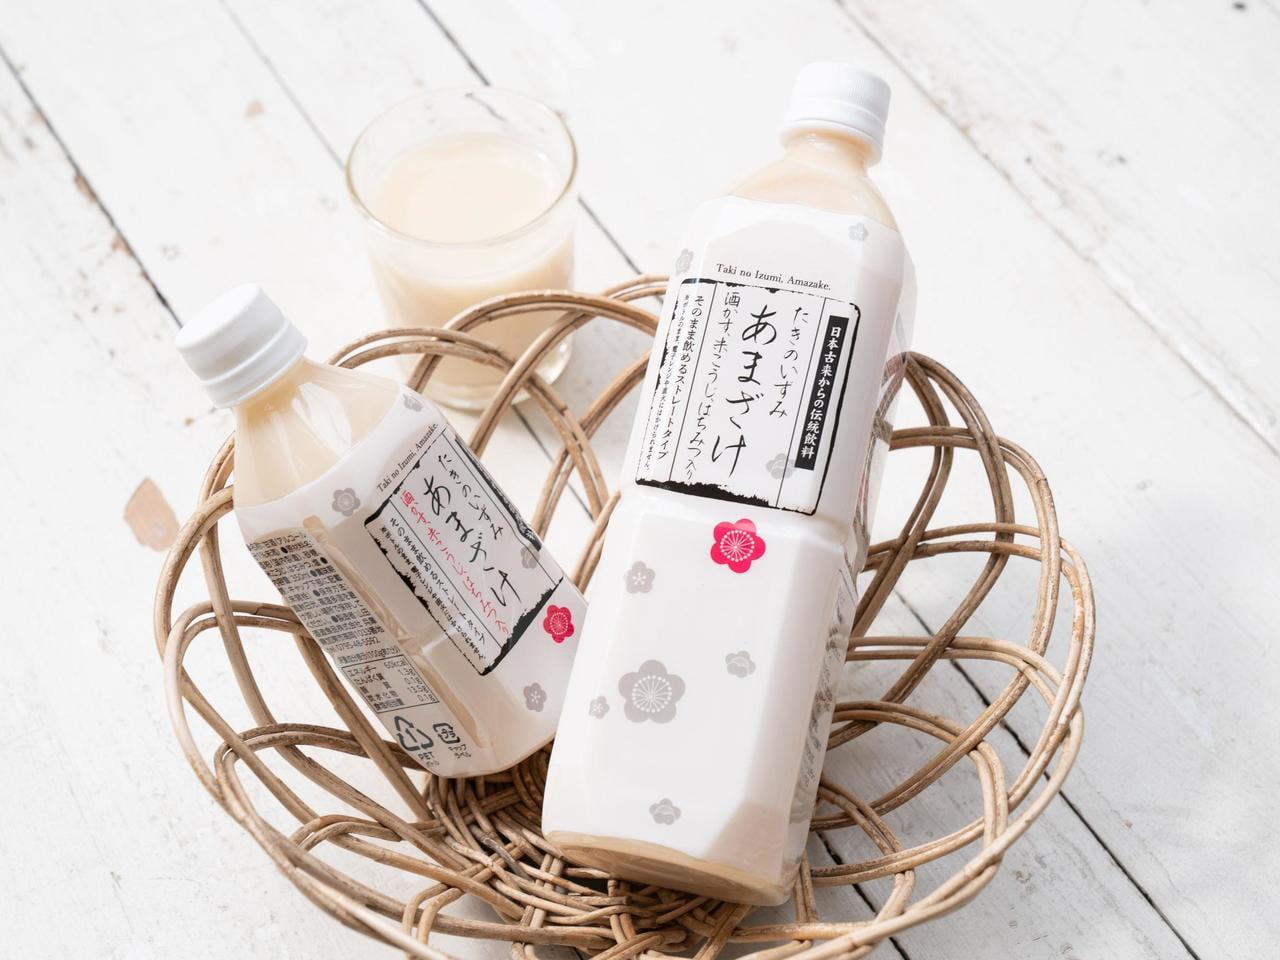 【山田酒造食品株式会社】フルーツ甘酒が人気!飲みやすくおしゃれな甘酒を作る発酵食品メーカー